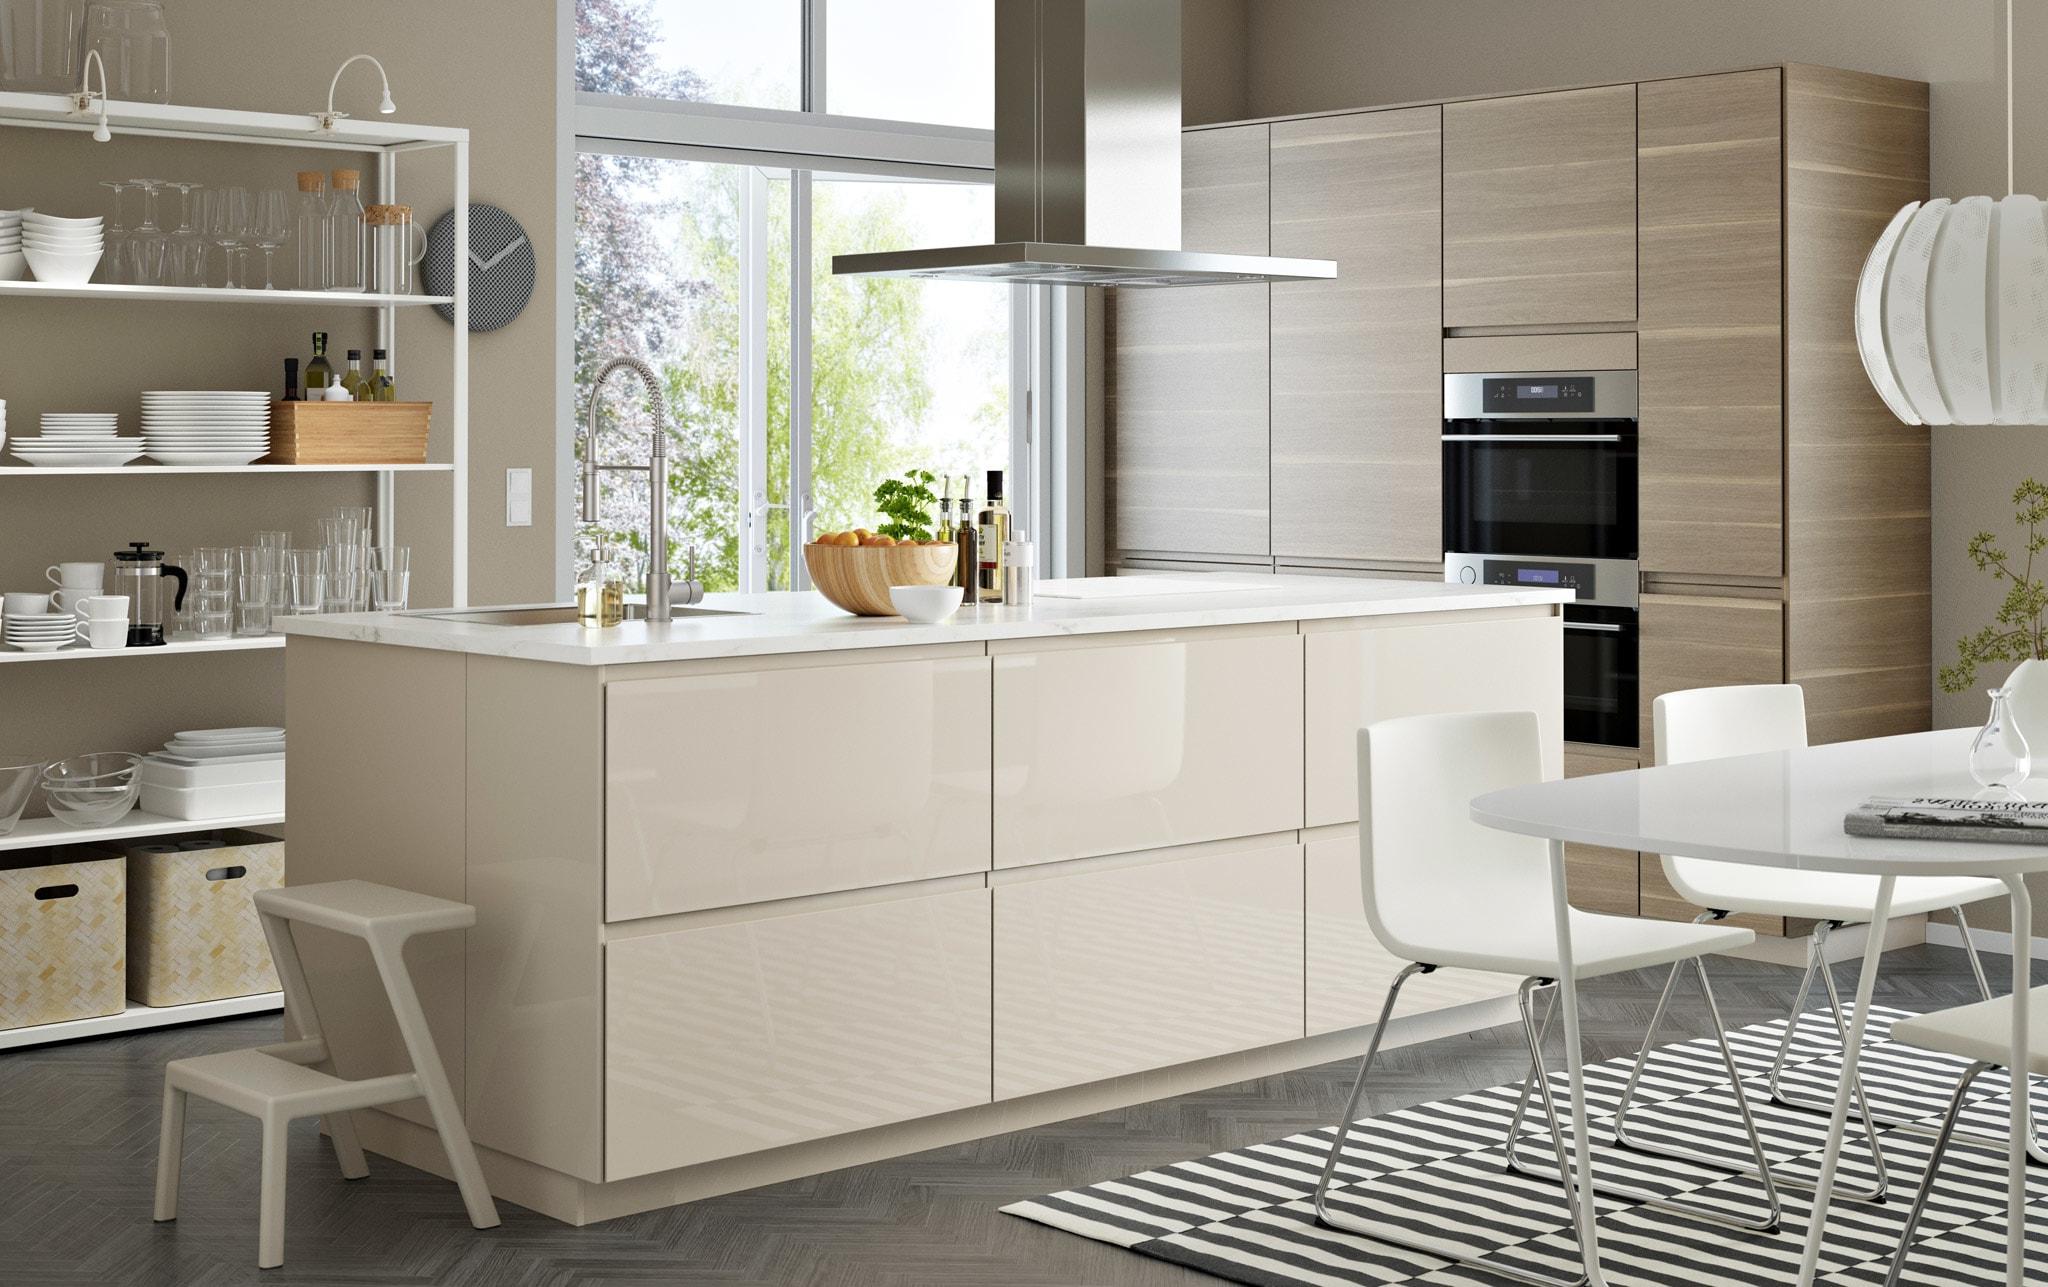 Ikea Muebles De Cocina 4pde Muebles De Cocina Y Electrodomà Sticos Pra Online Ikea